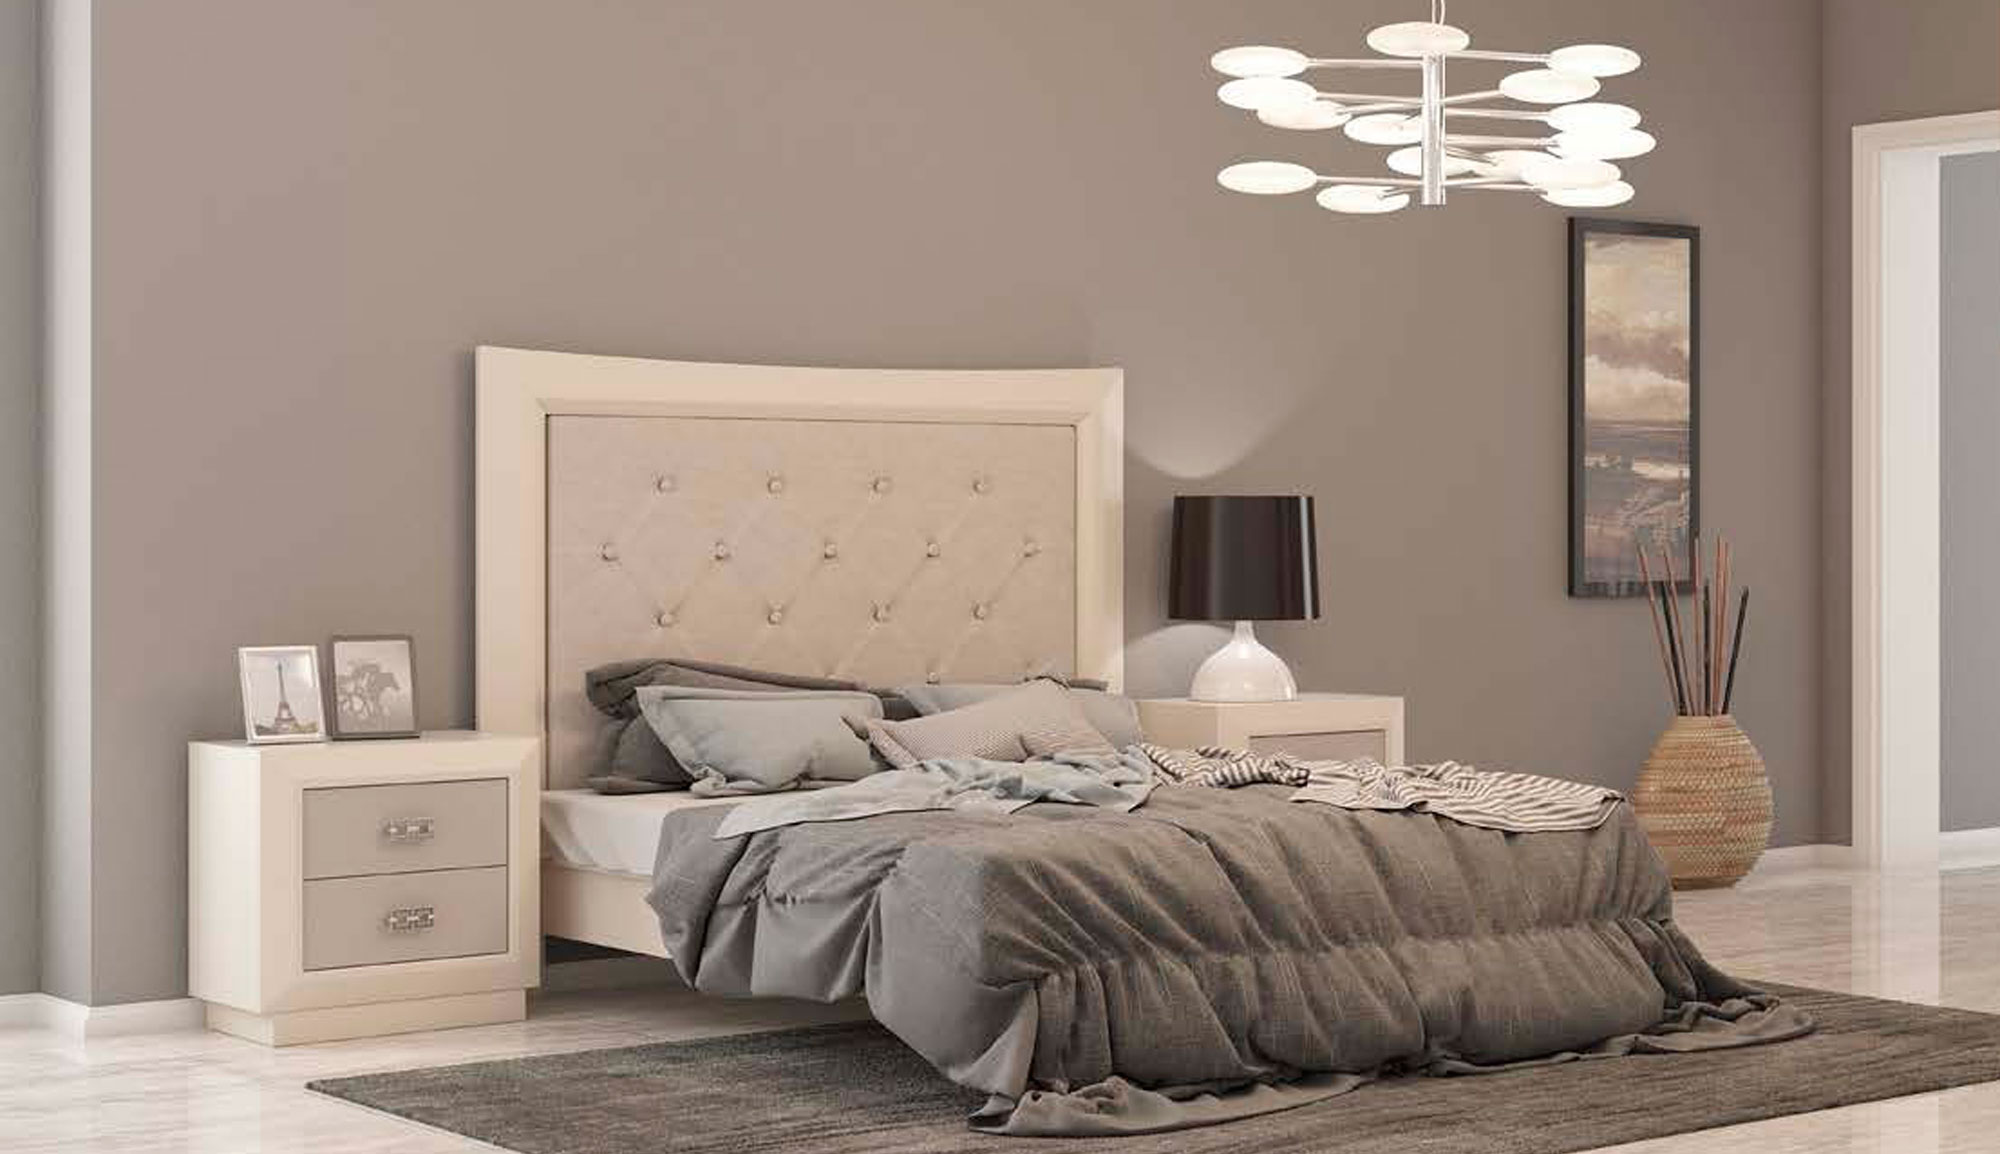 sydney-dormitorio-portada